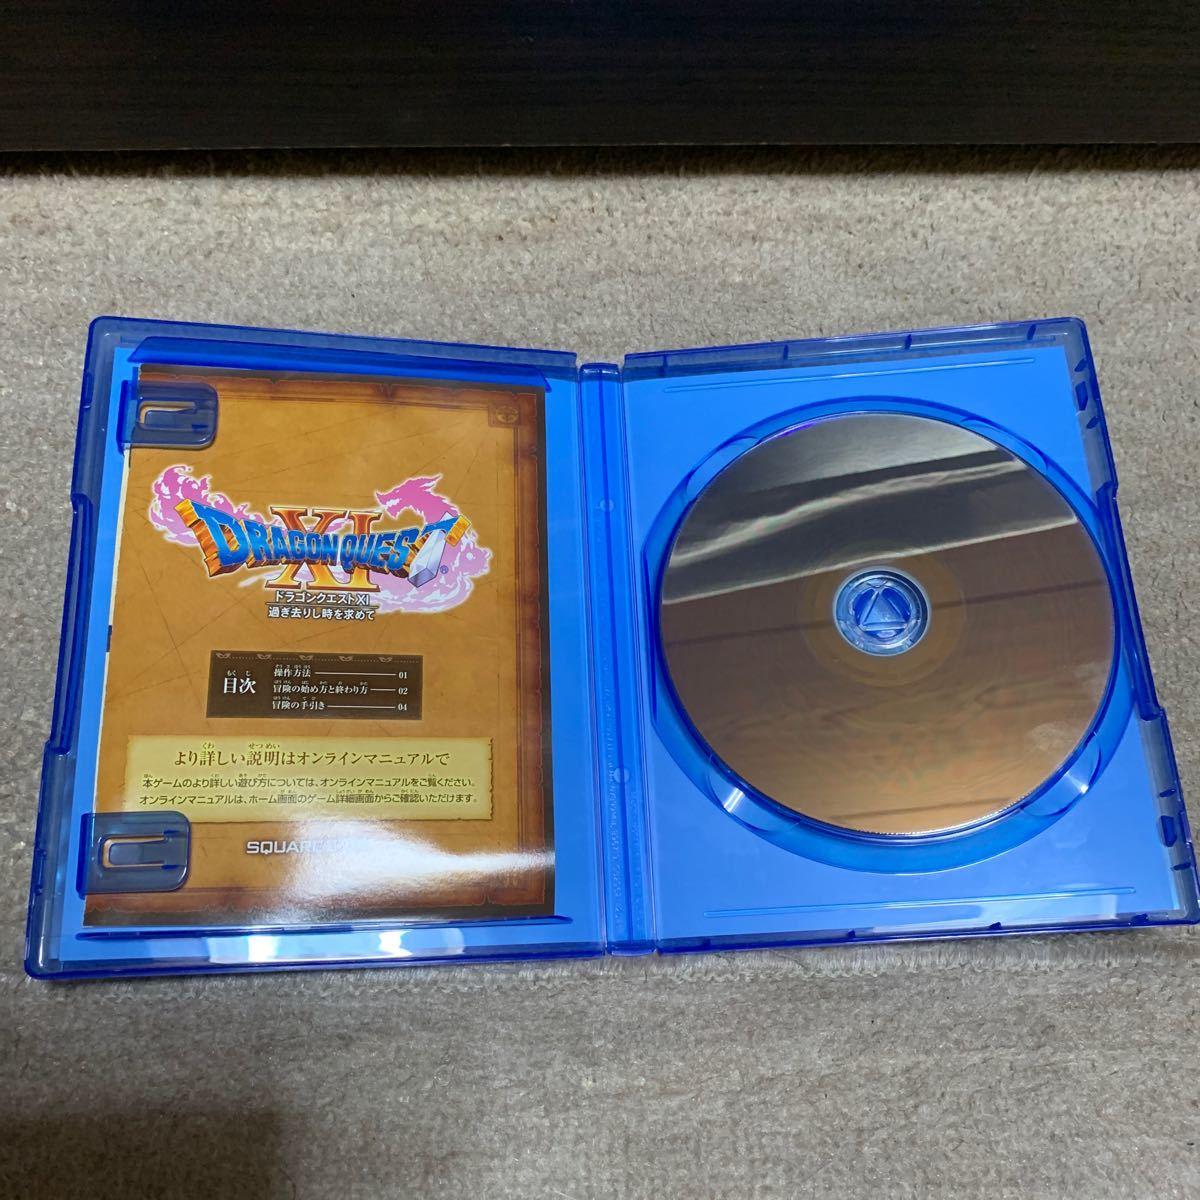 PS4 ドラゴンクエスト11 過ぎ去りし時を求めて PS4ソフト ドラゴンクエストXI過ぎ去りし時を求めて ドラクエXI